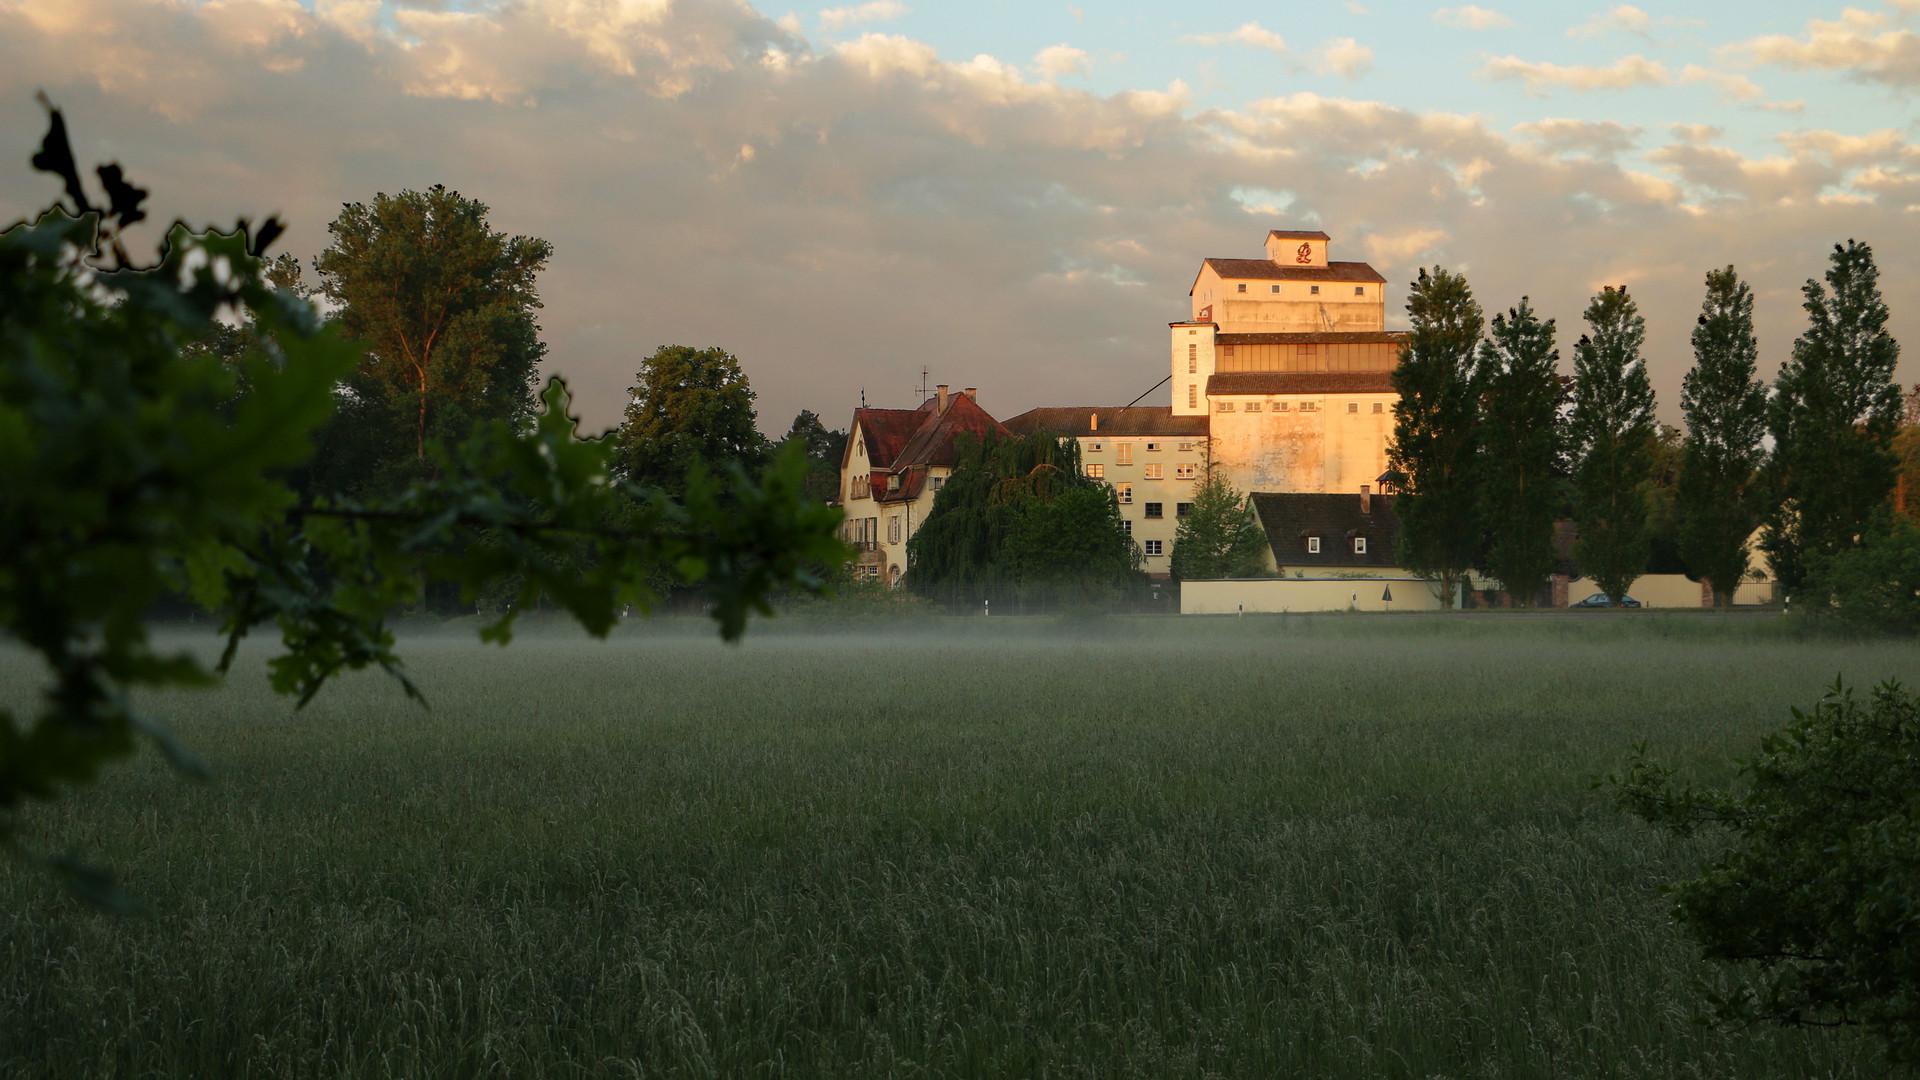 Mühle_Morgentau_01.jpg